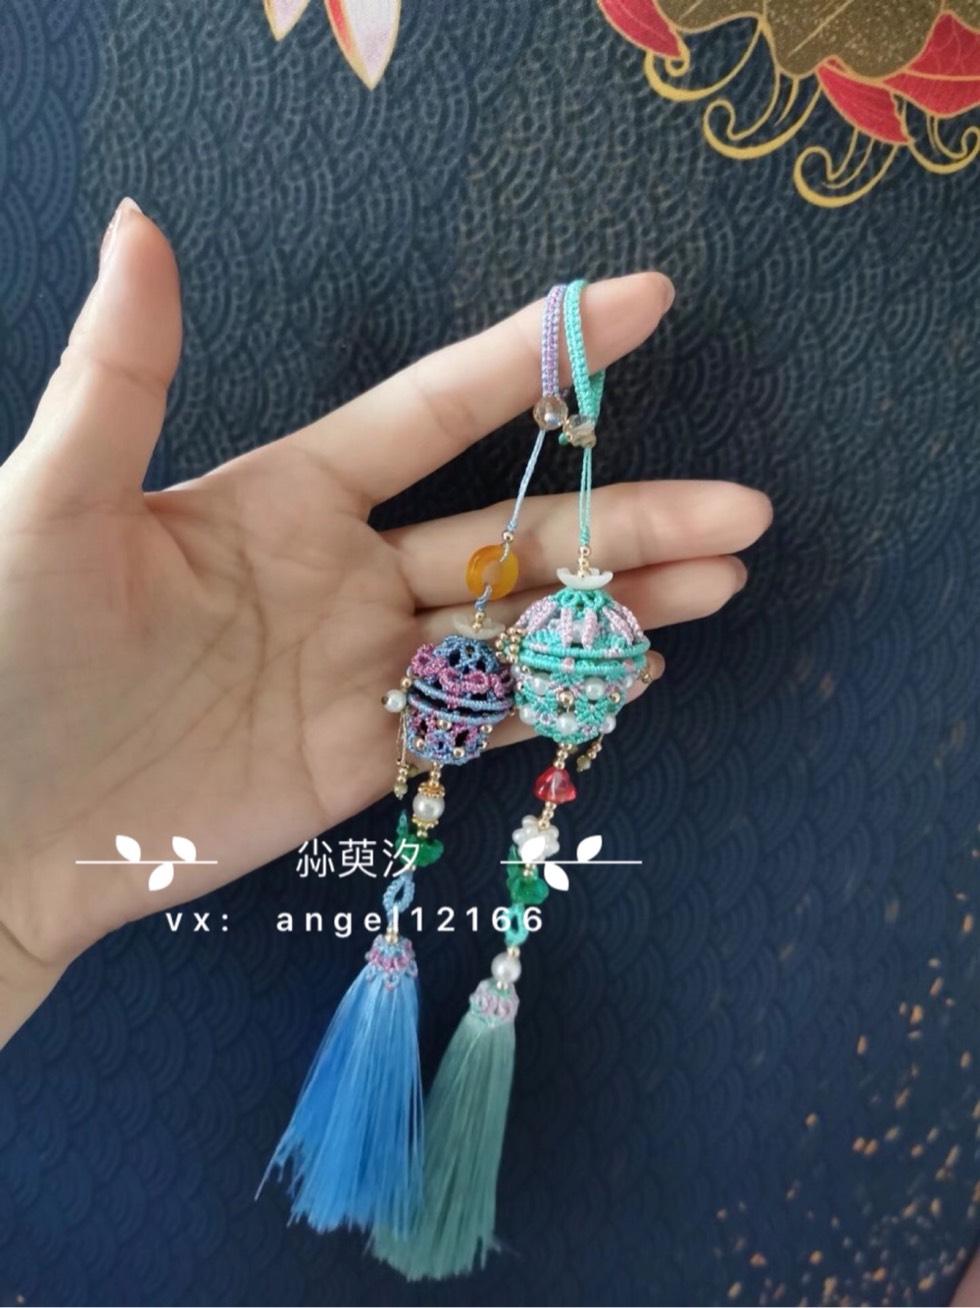 中国结论坛 迷你版小香囊 小香囊的缝制方法图解,小香囊的缝制教程,小香囊的制作方法,毛线钩小香囊图解,如何自制小香包 作品展示 163343fcp5xph7wdxzuxi5